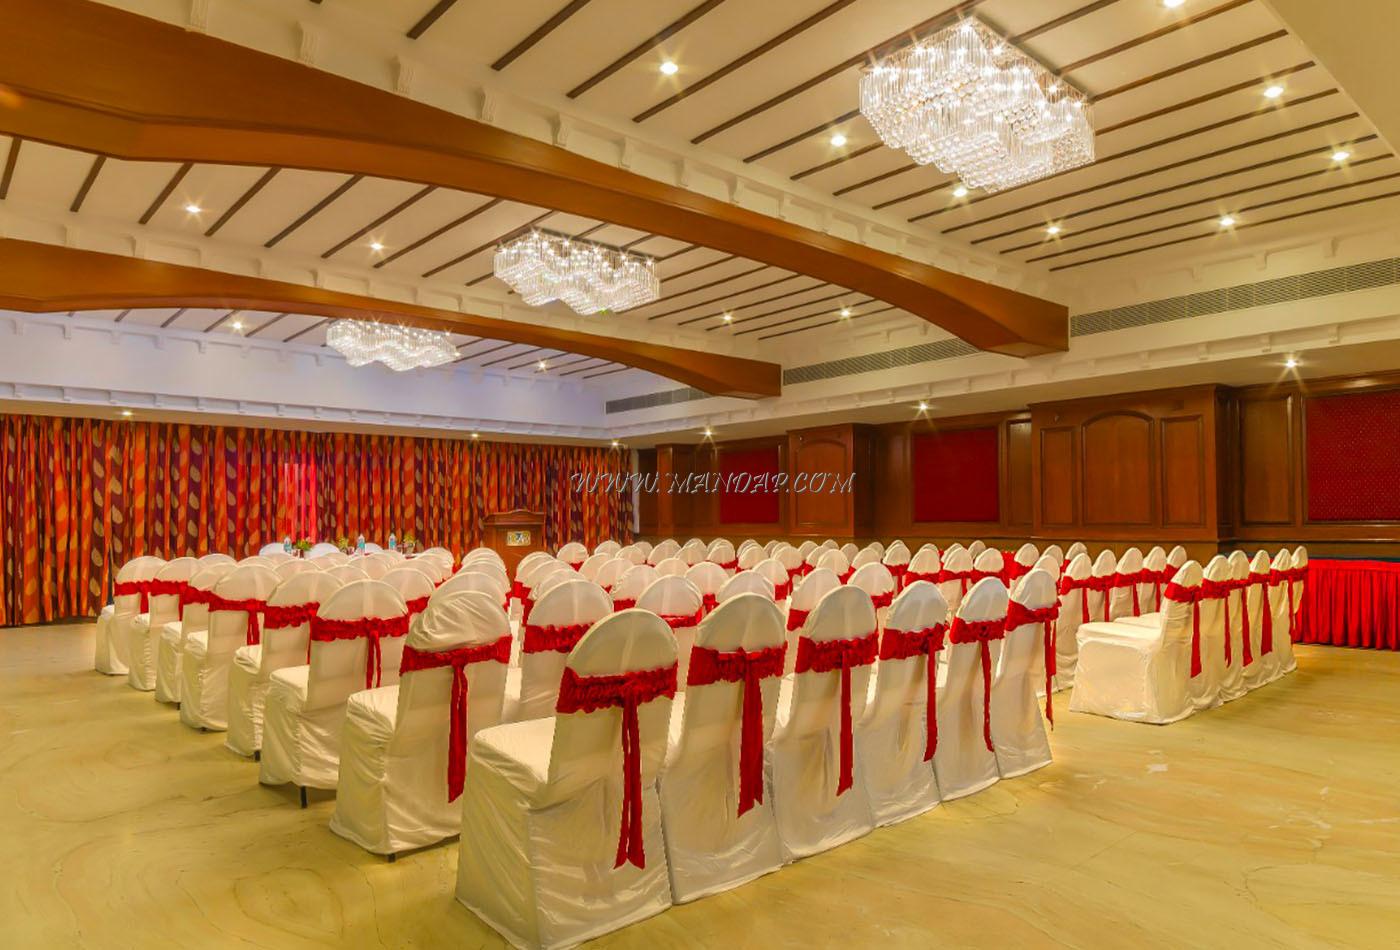 Find More Banquet Halls in Saram